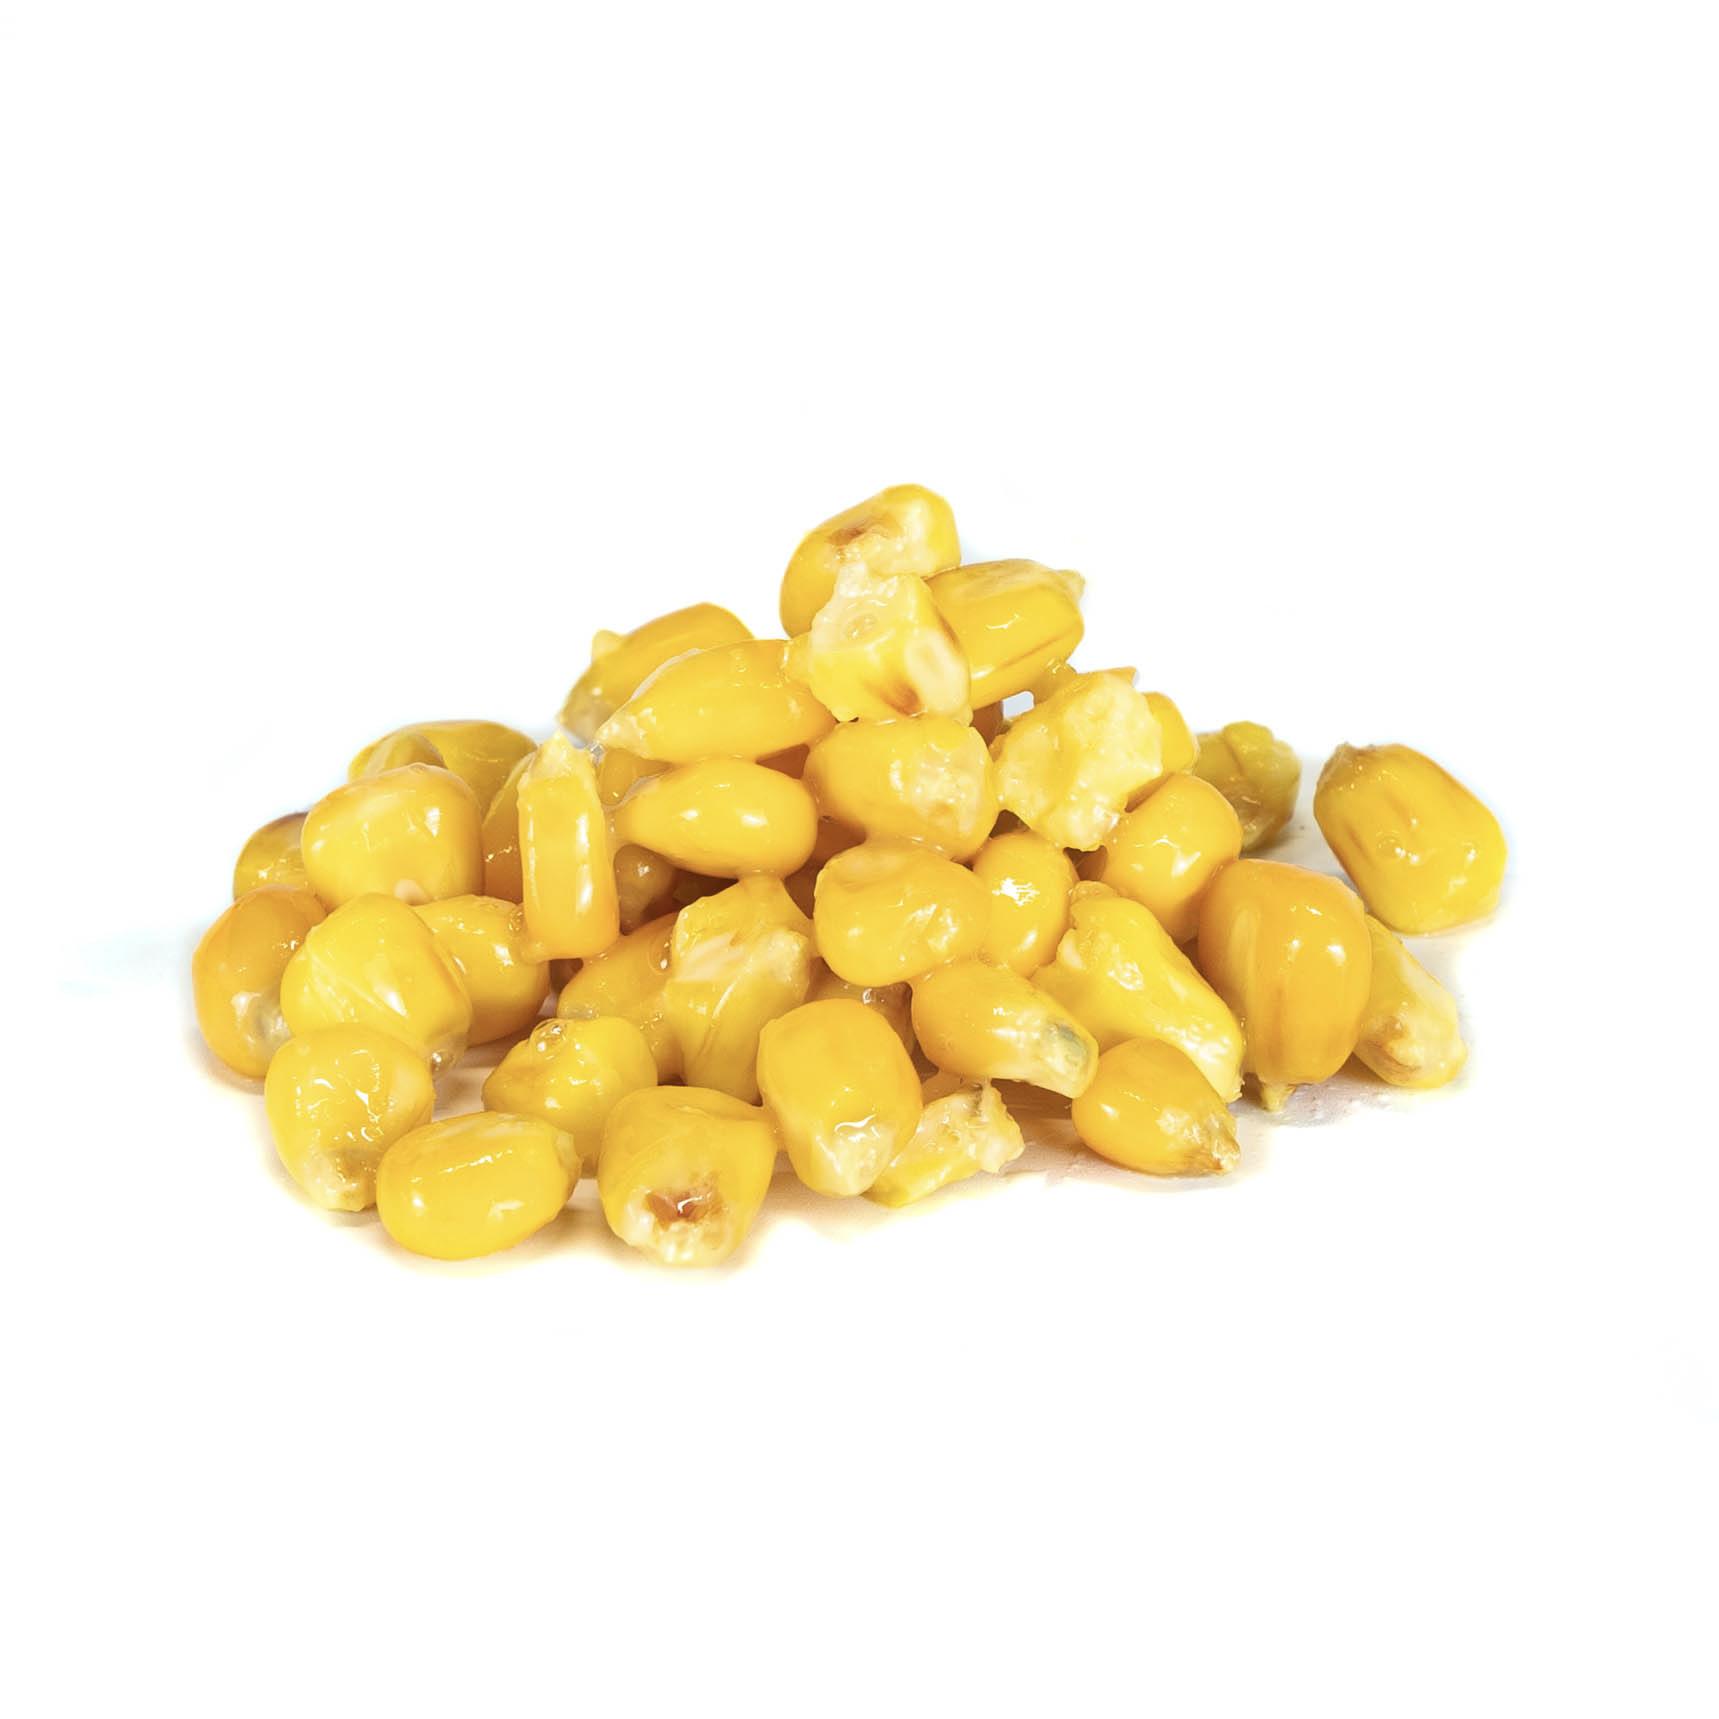 Nakládaný partikl 1kg - Kukuřice Vanilka&Med